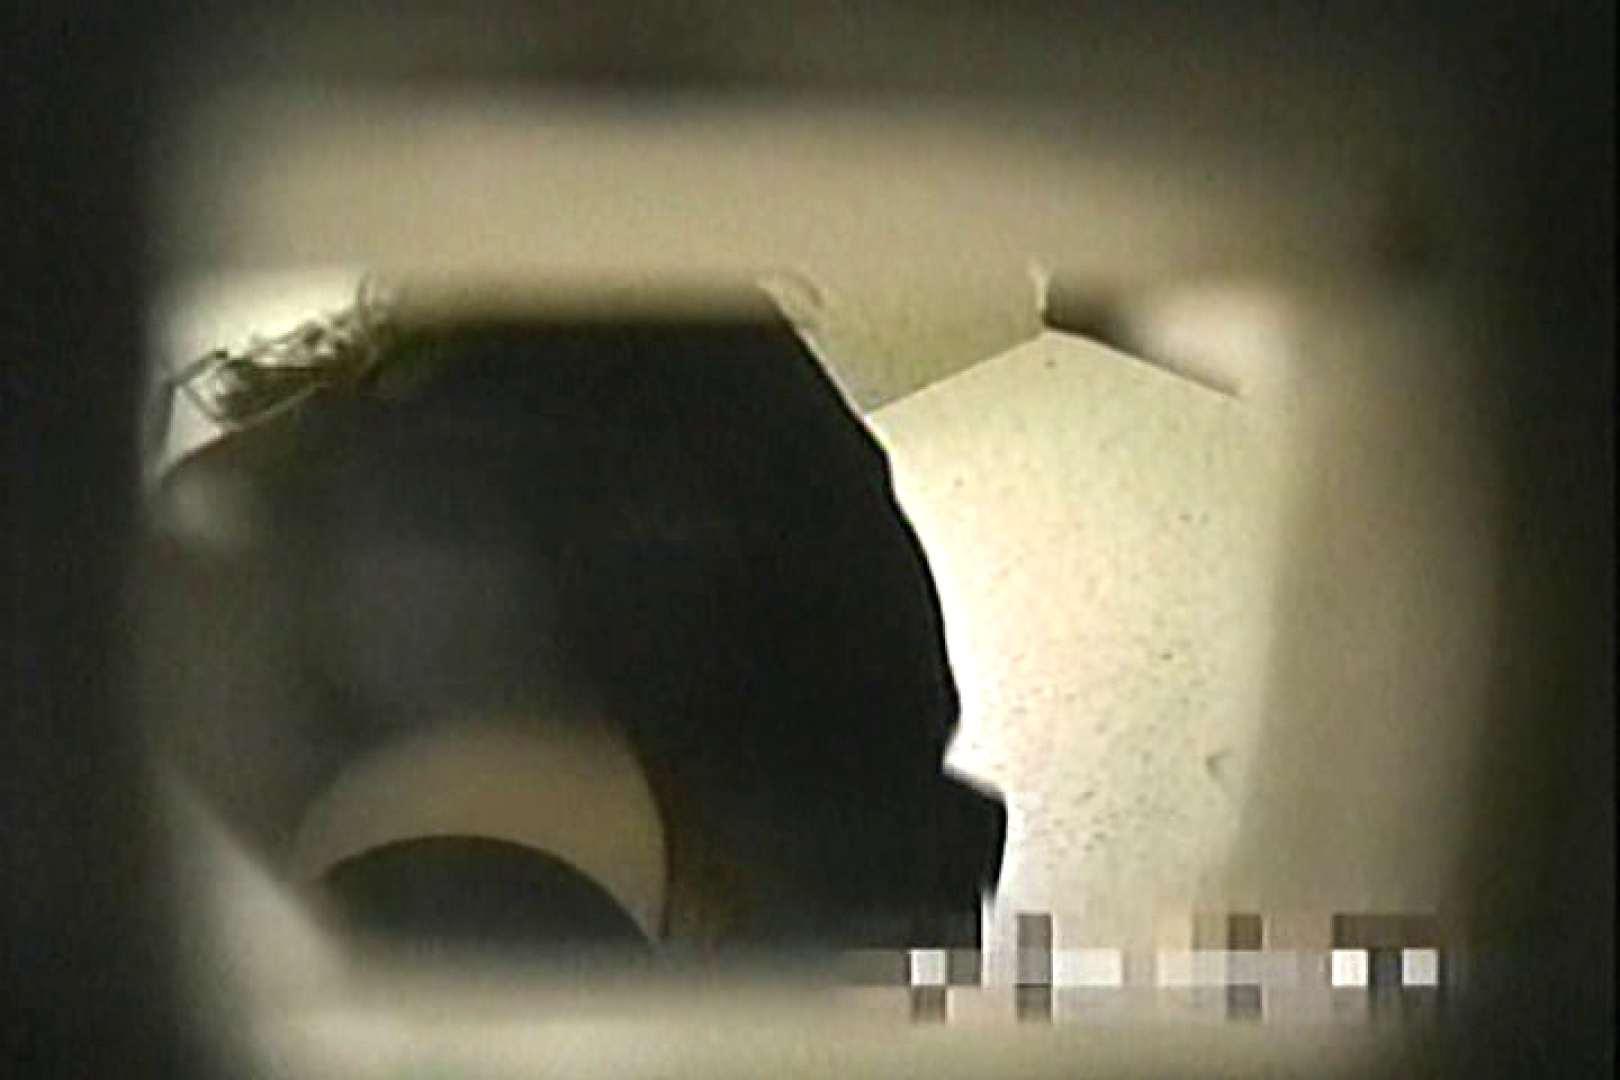 女子洗面所盗撮 今度の2カメは若い子だらけ  TK-127 洗面所  62pic 10